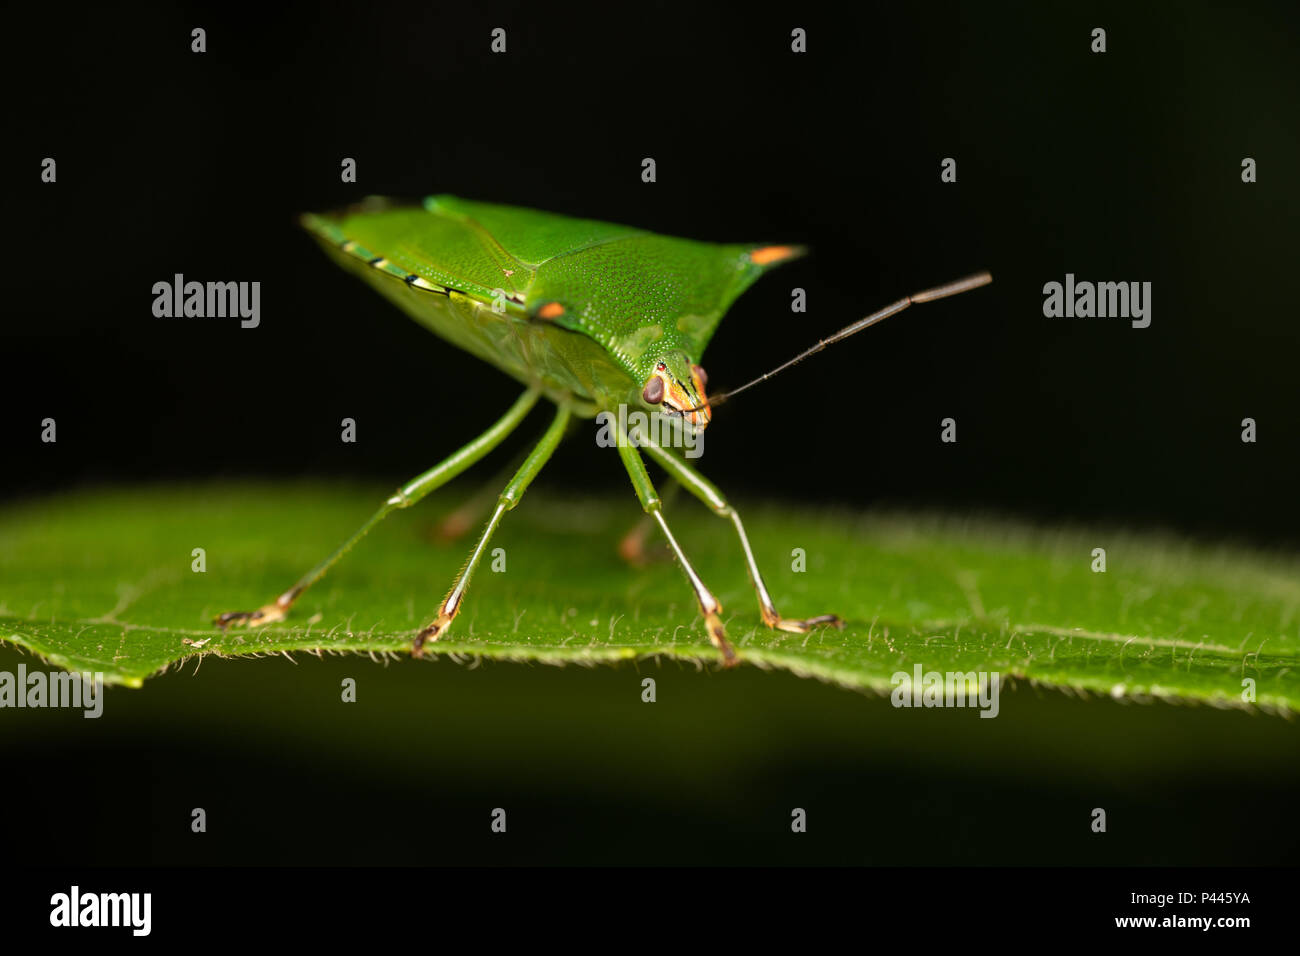 Sind eine Familie von Insekten, die die Reihenfolge Hemiptera, die in der Regel stinken Bugs oder Schild Bugs genannt werden Stockbild